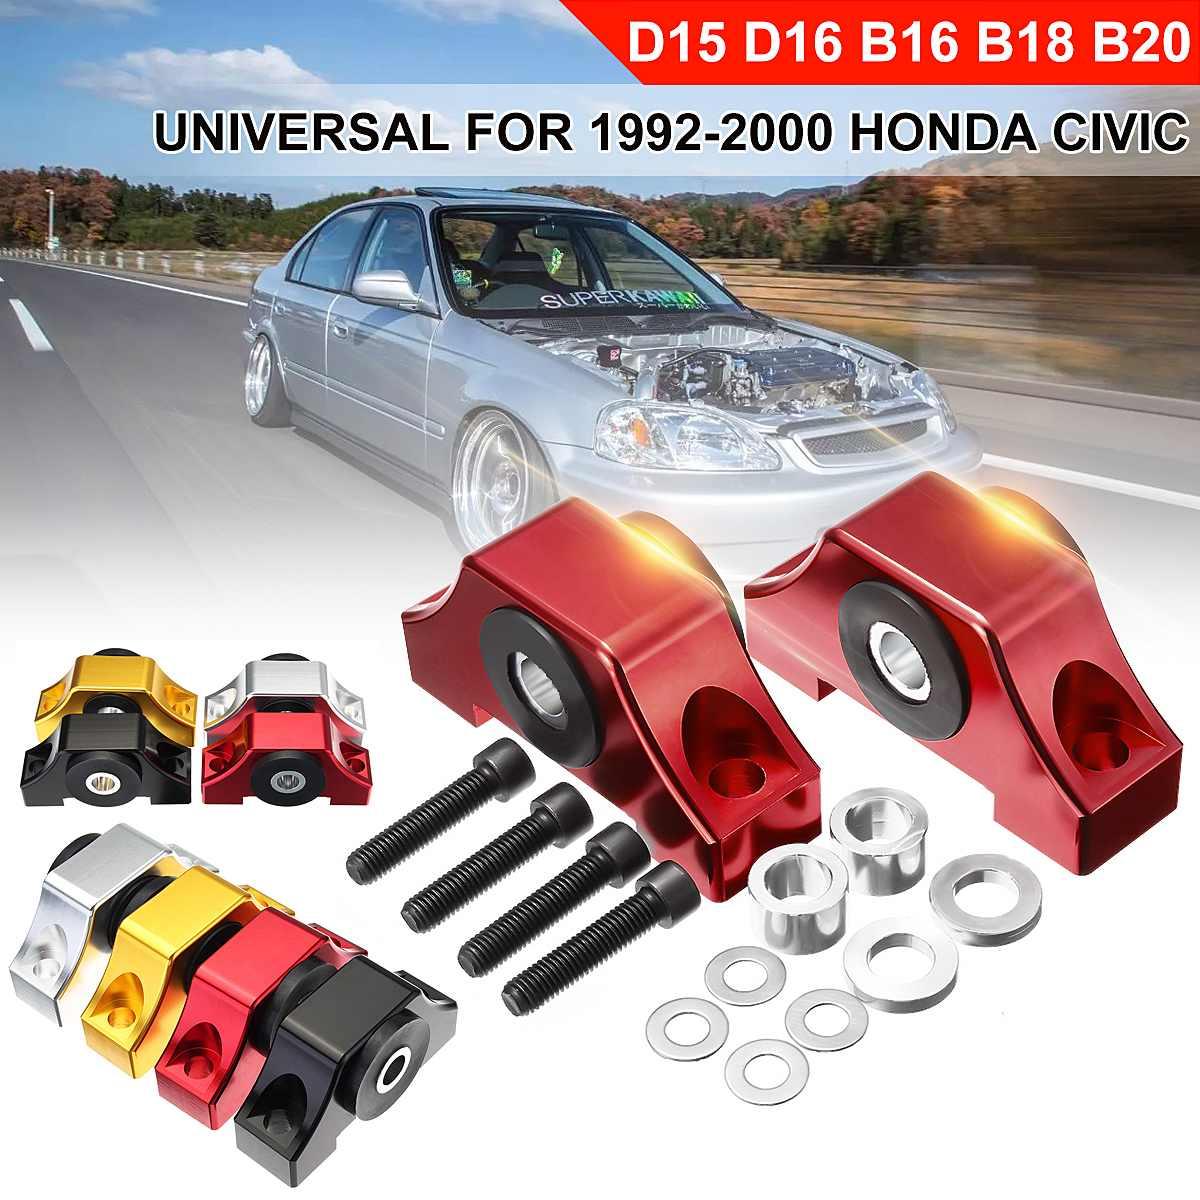 Un ensemble de supports de couple universels pour moteur à billette pour Honda pour la série Civic 1992-2000 B/D pour ACURA Integra 1994-2001